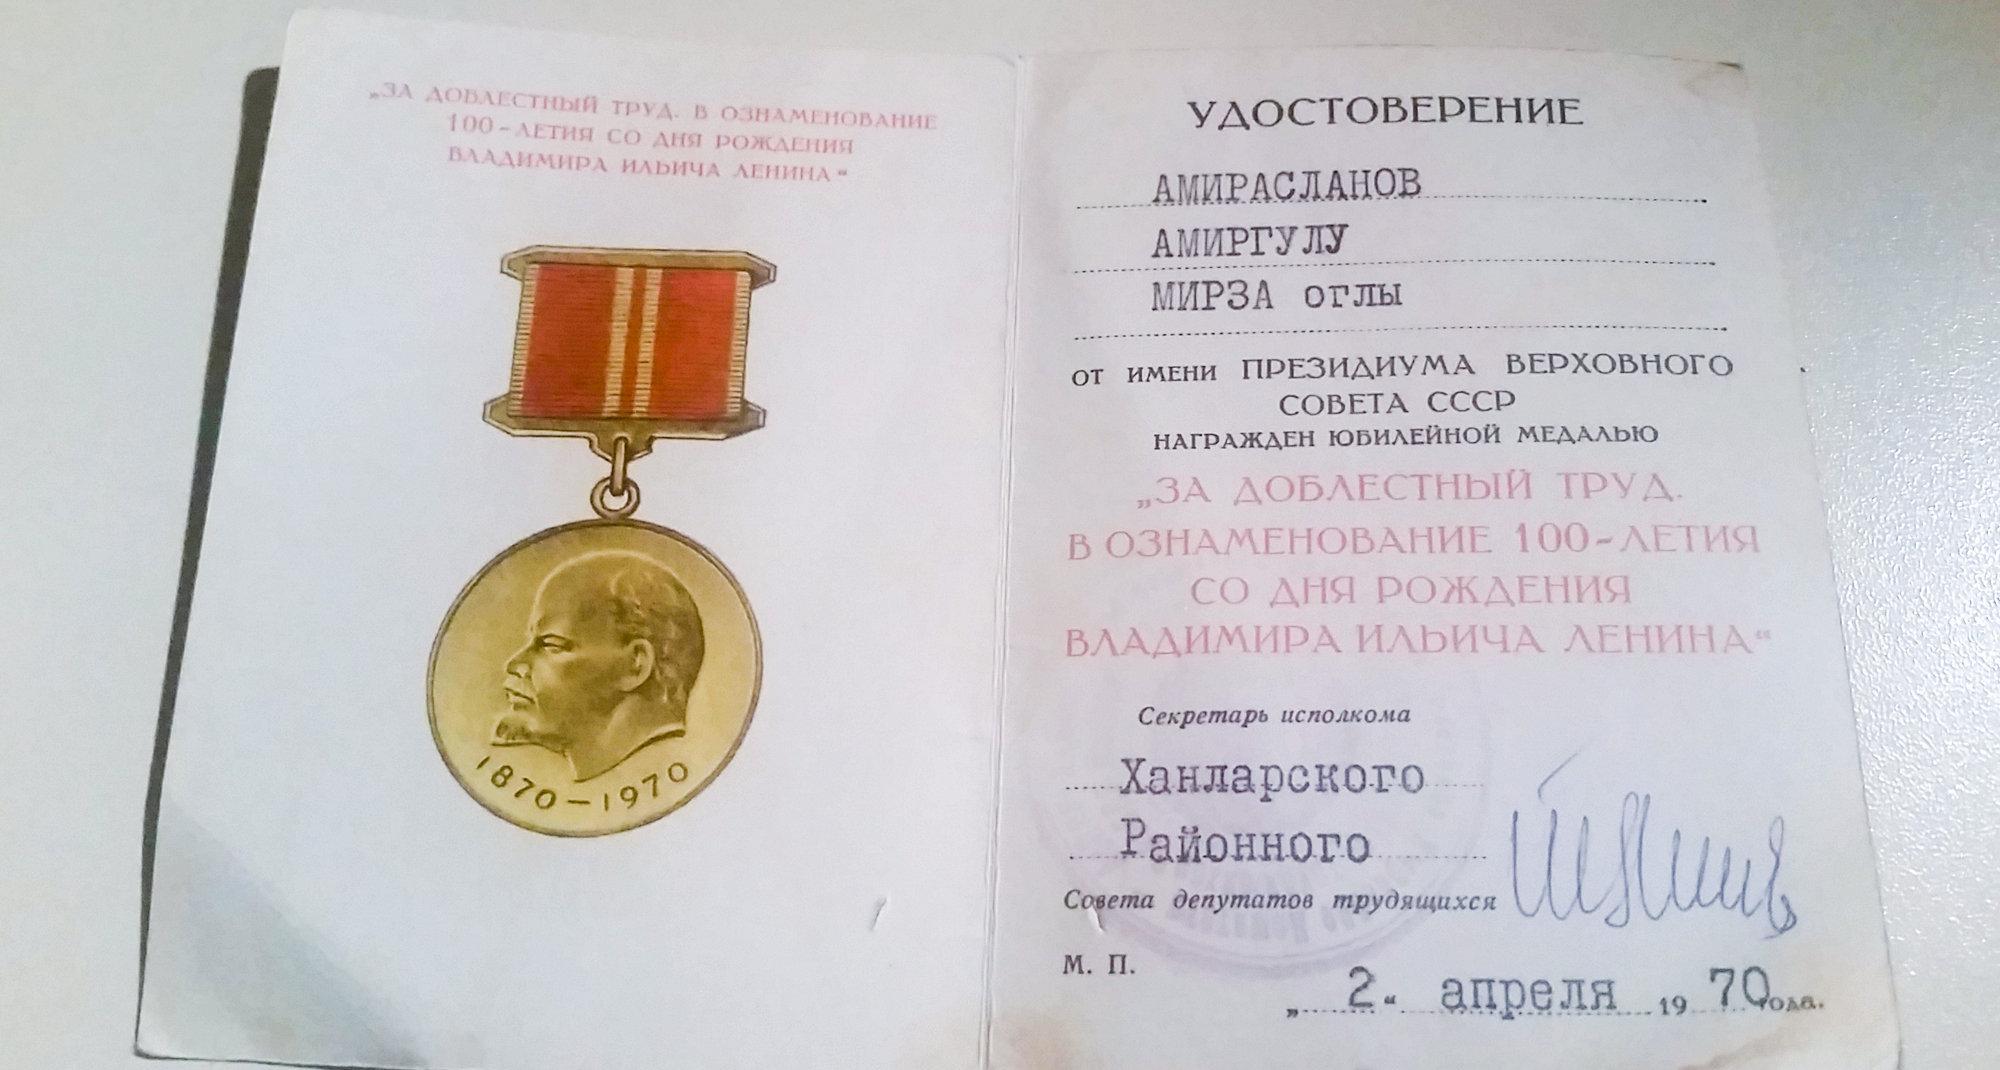 Əmirqulu Əmiraslanovun təltif olunduğu Lenin medalı